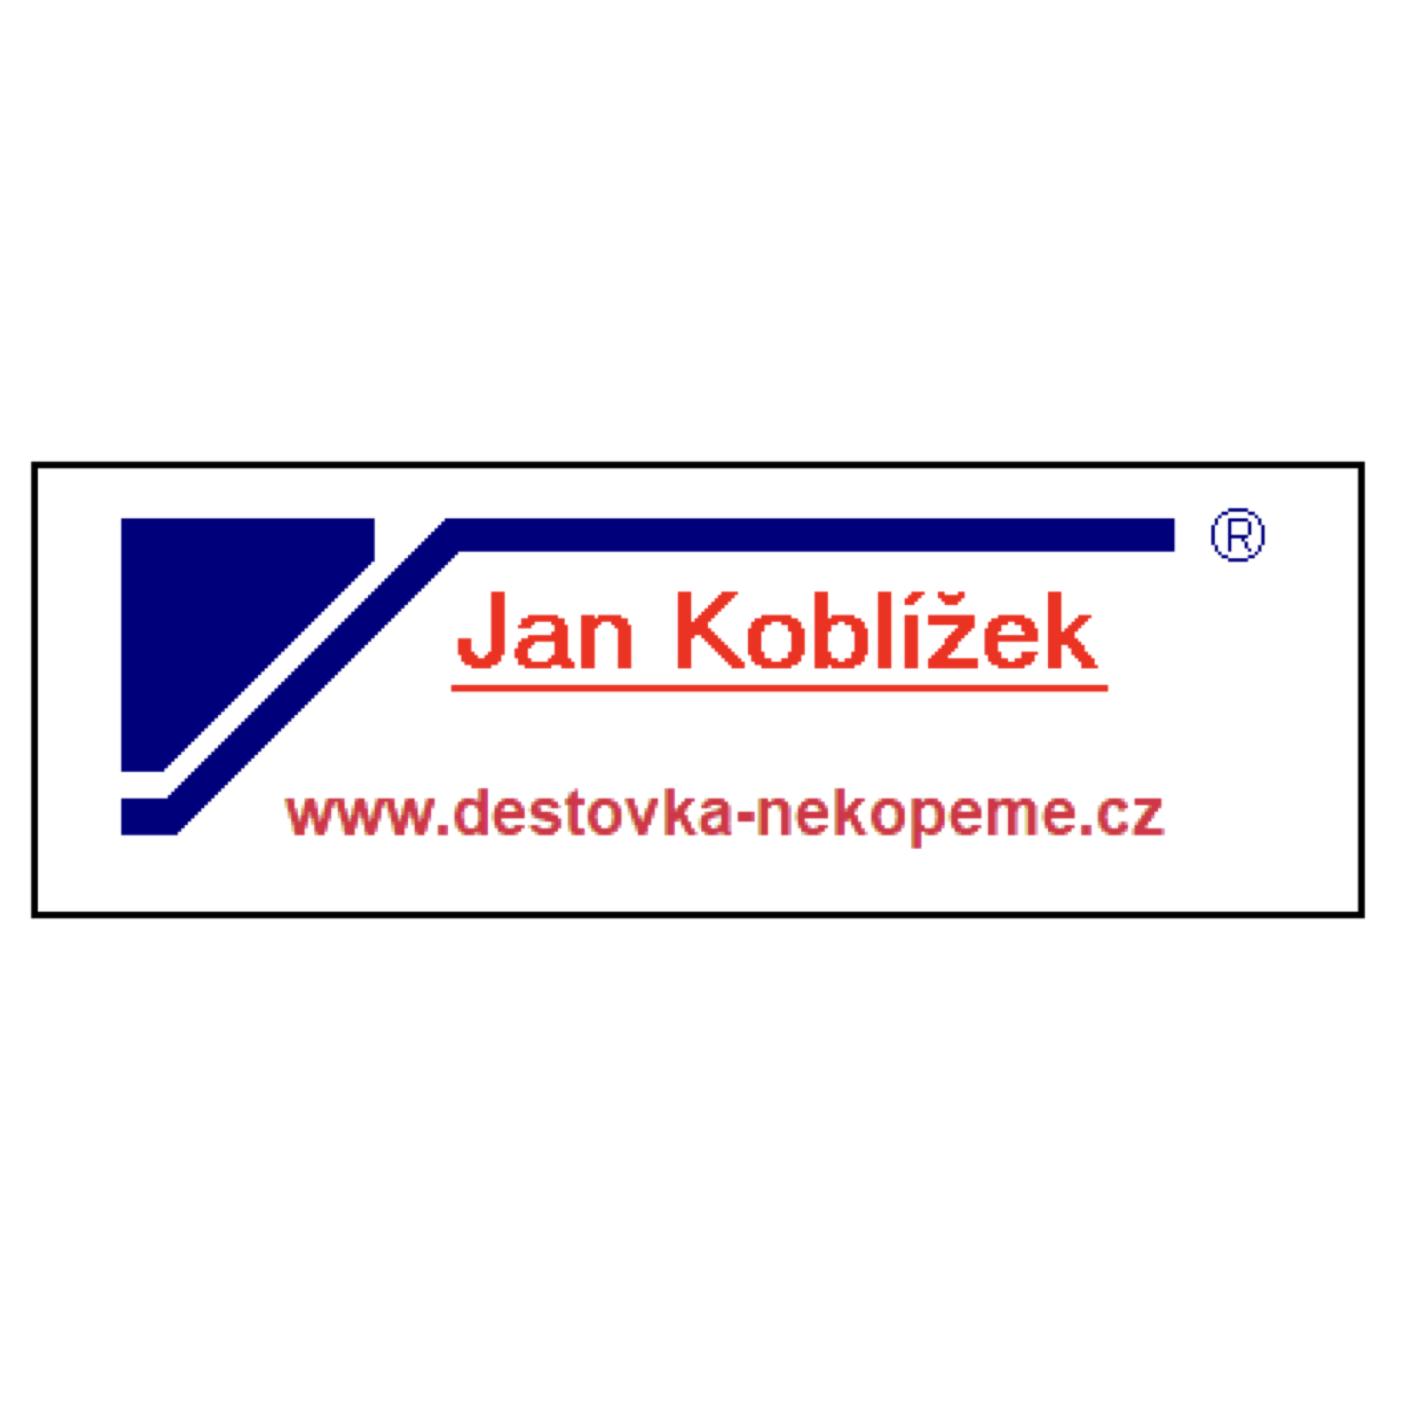 jankoblizek